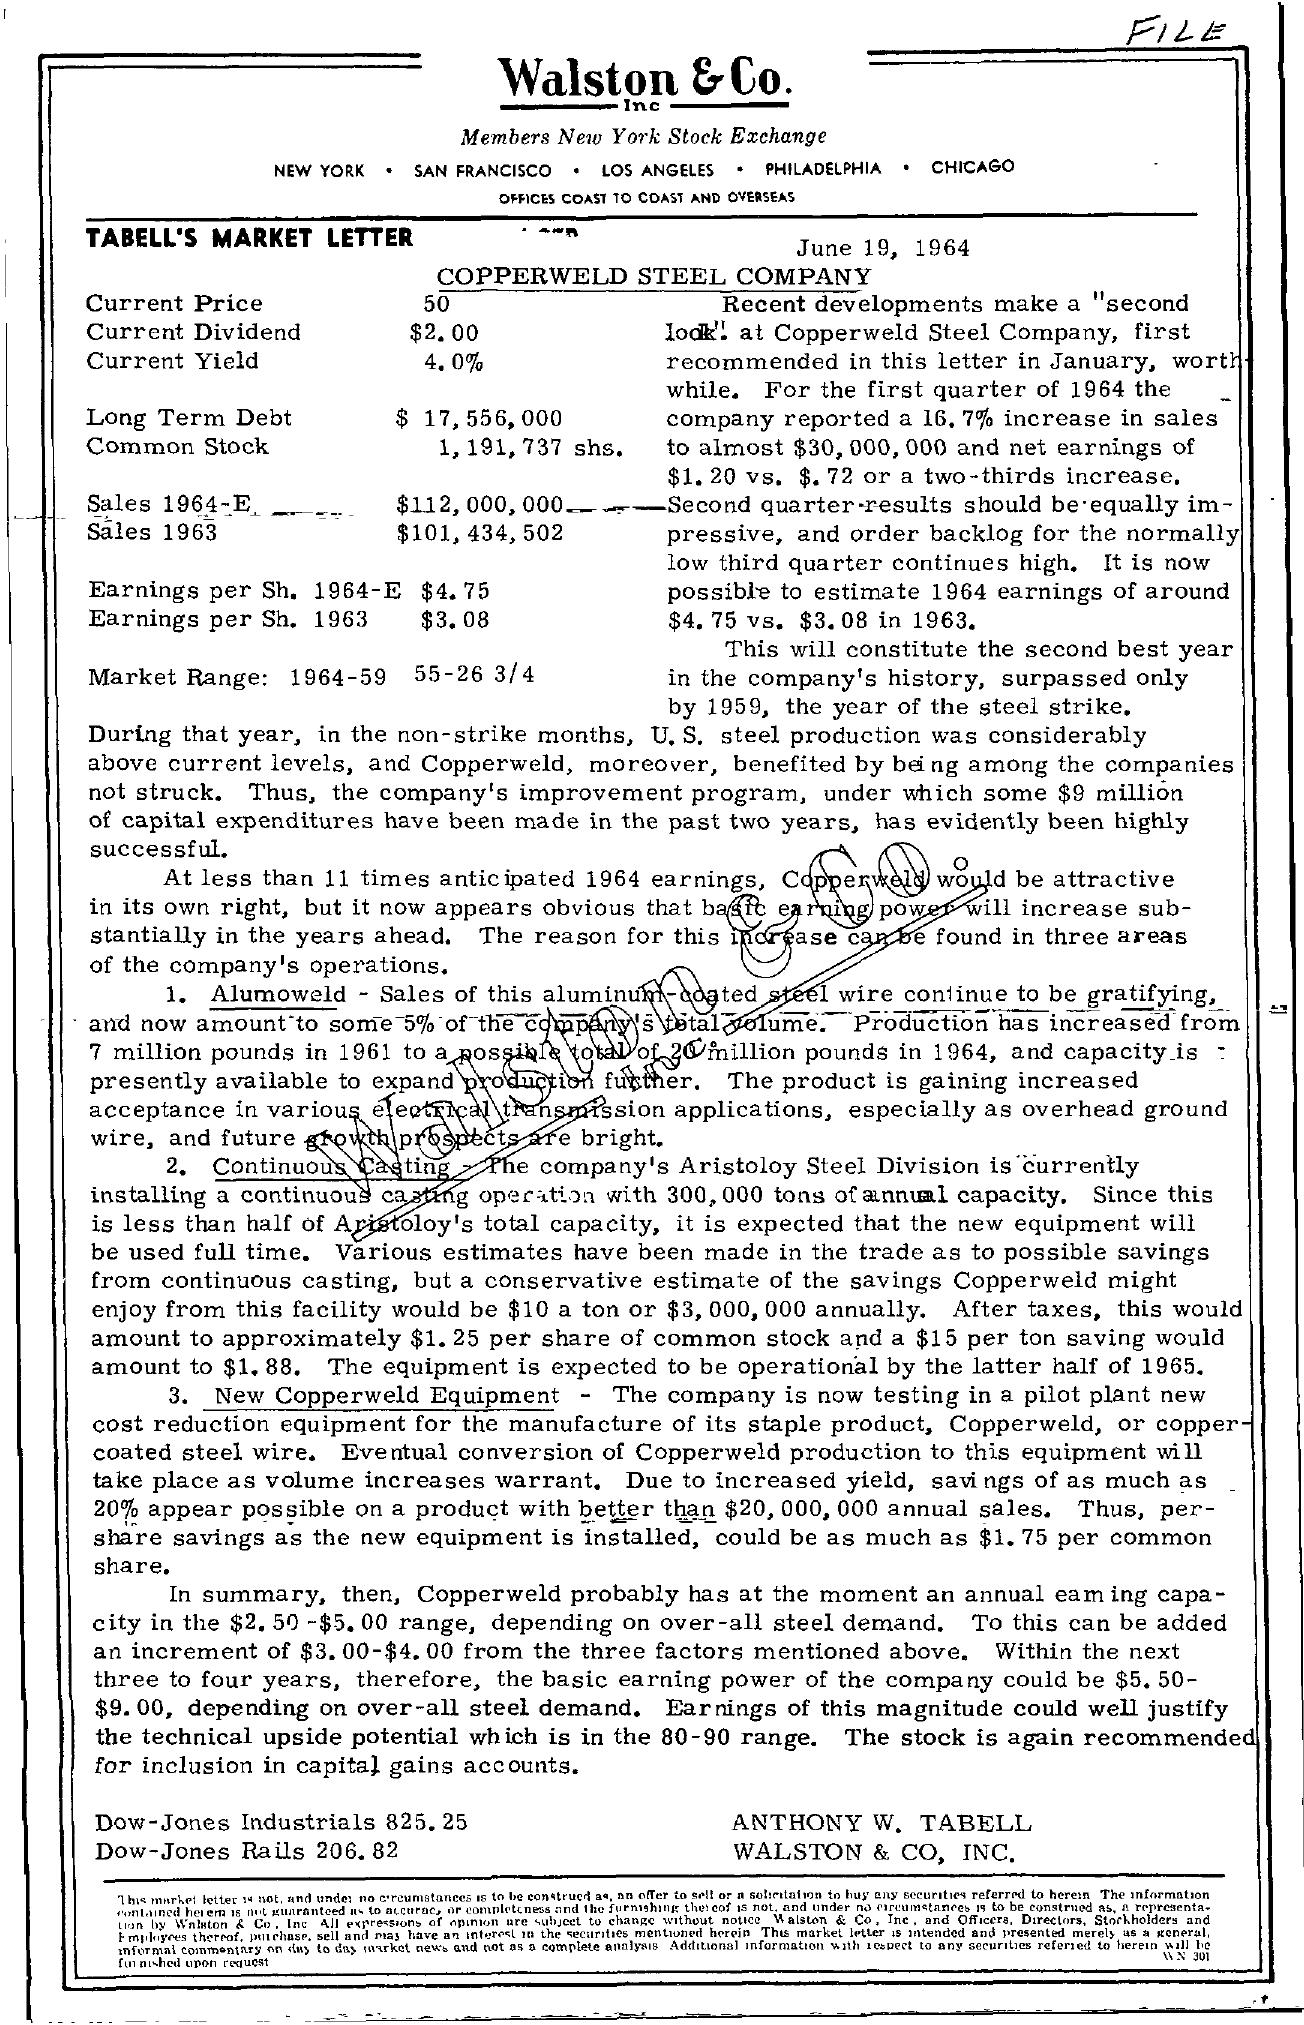 Tabell's Market Letter - June 19, 1964